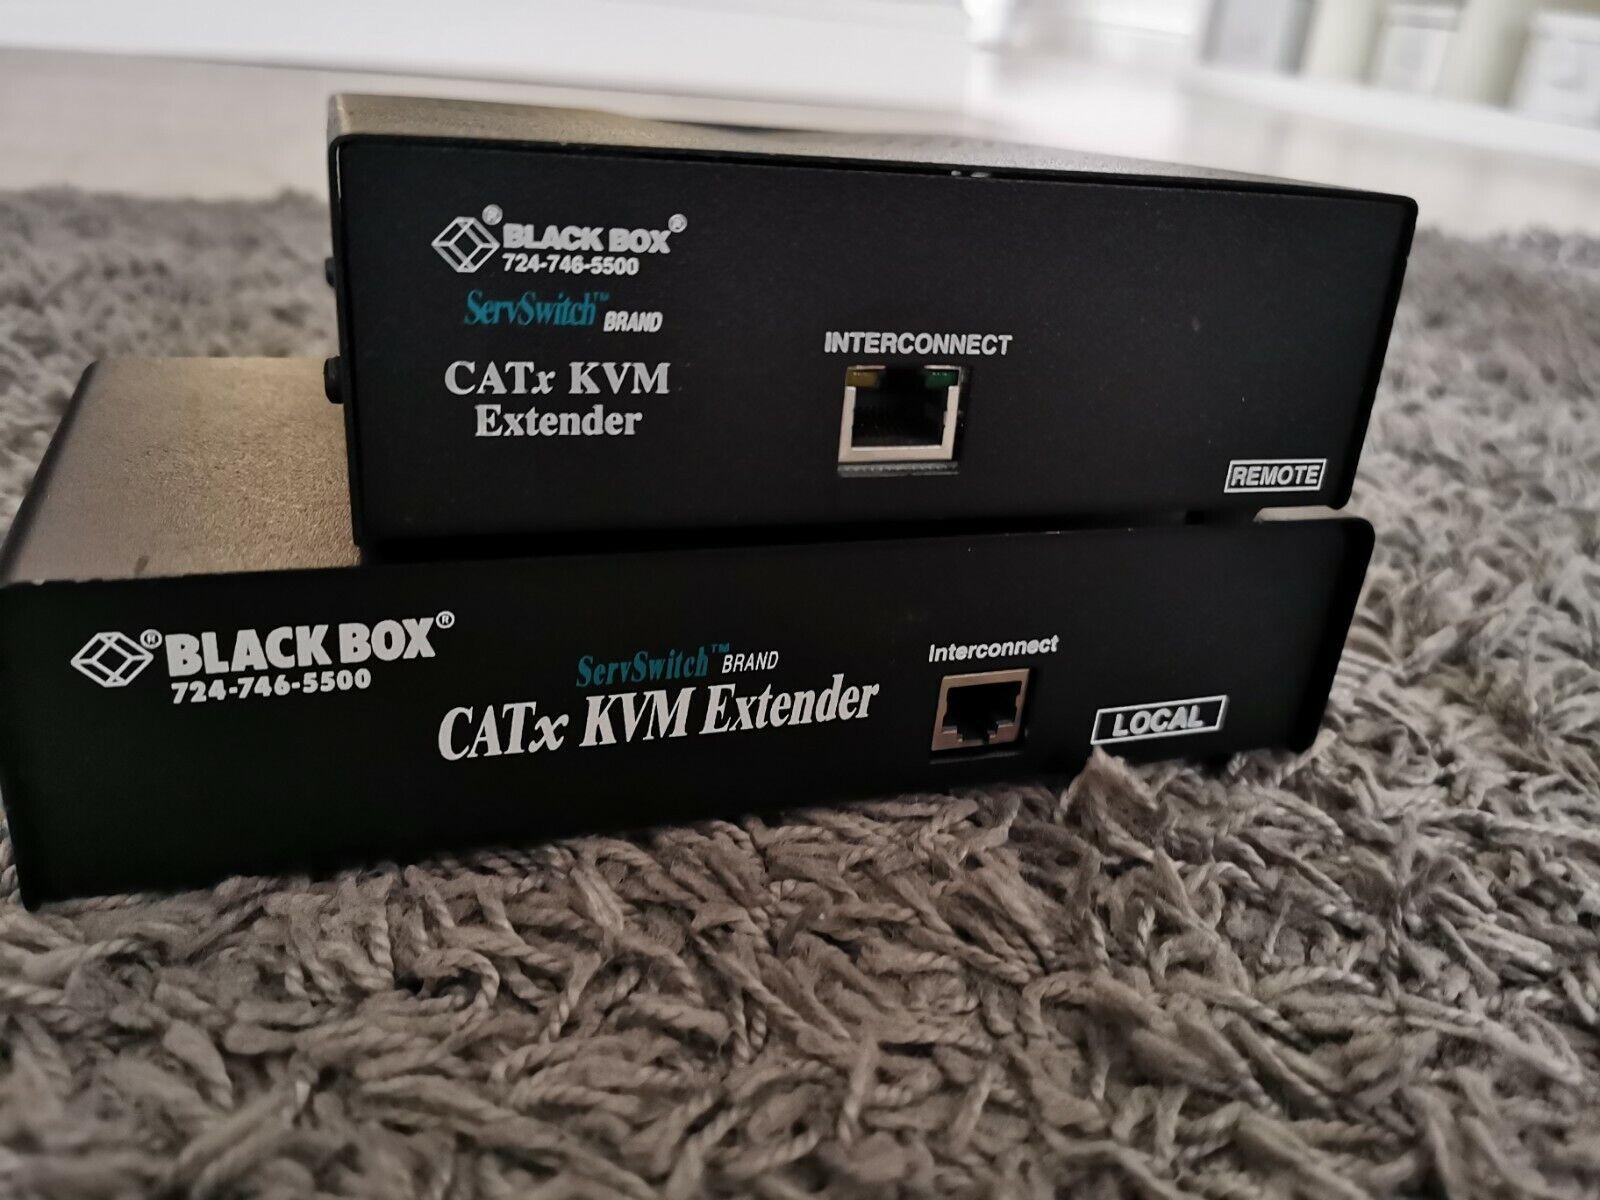 BLACKBOXACU2022A ServSwitch KVM over CATx Single-Access Extender Kit Untested